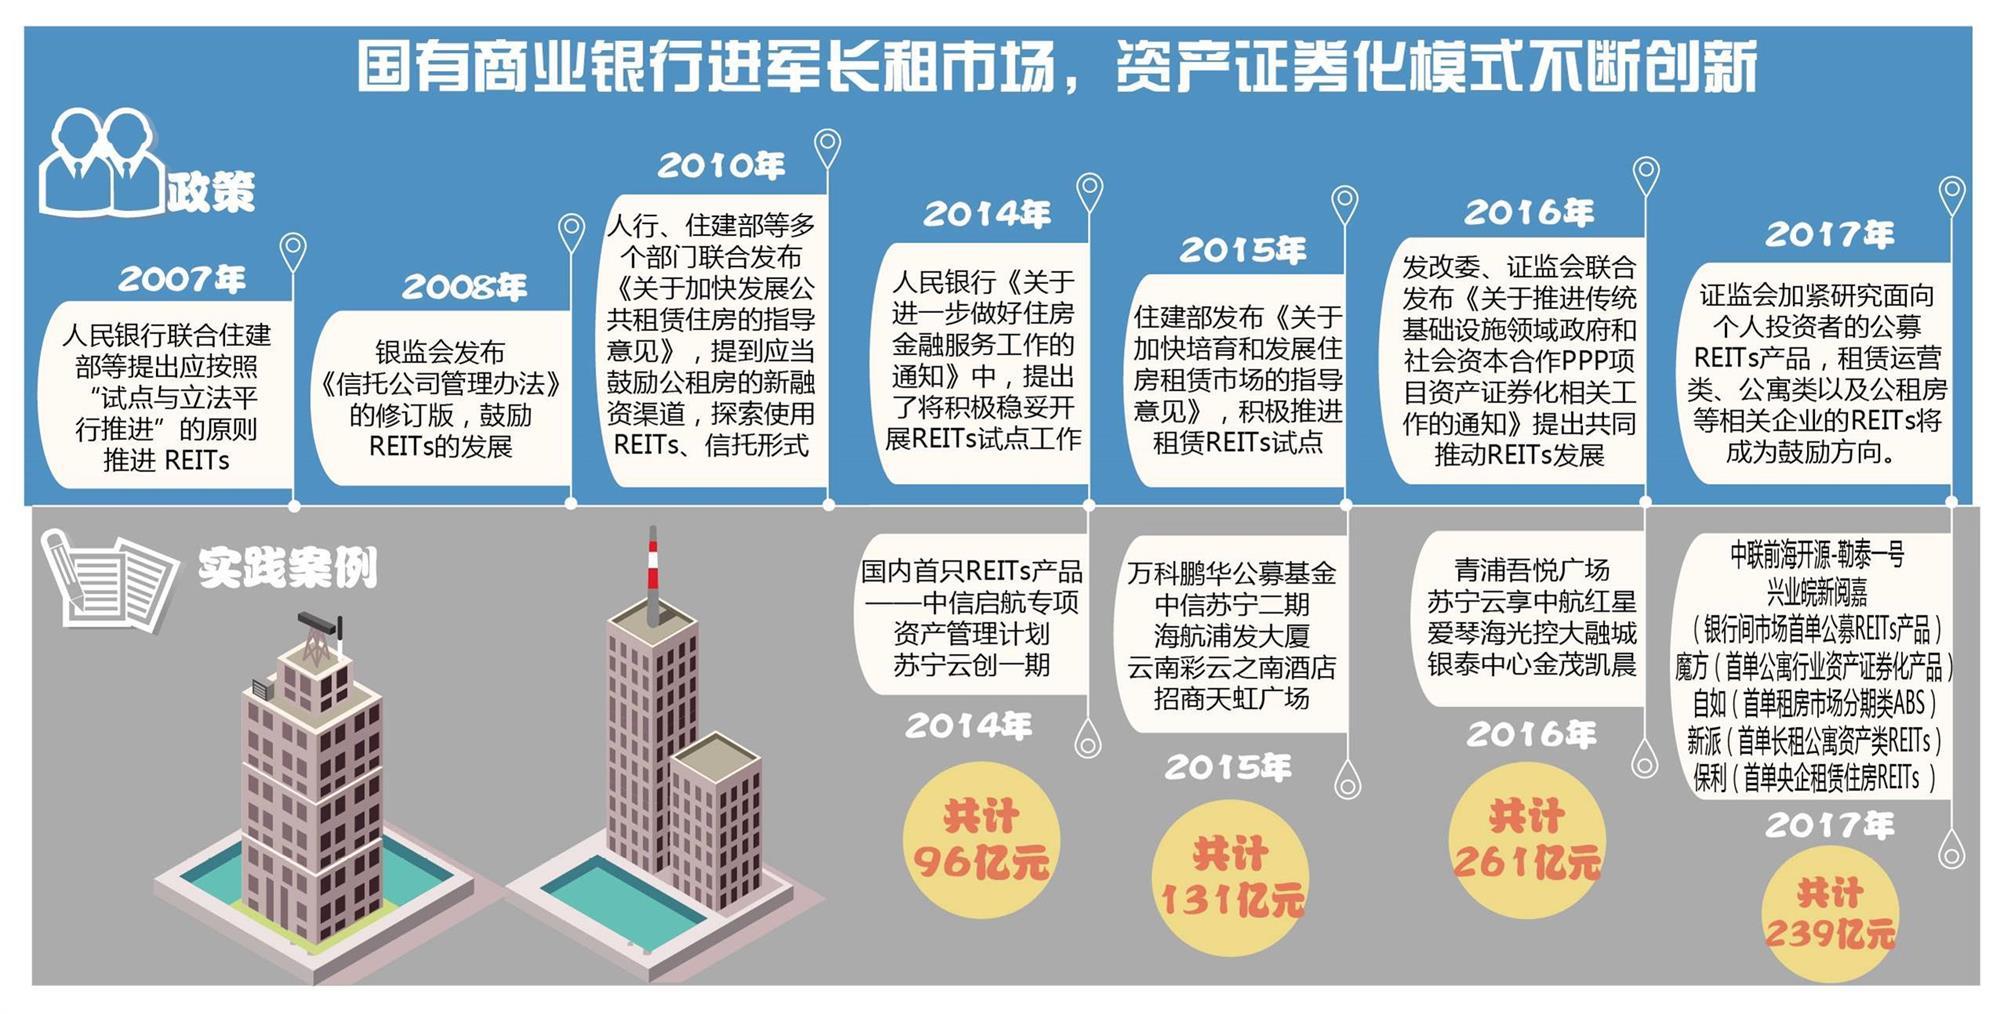 银行支付巨头电商三路资本竞相入场 住房租赁市场金融较量拉开序幕